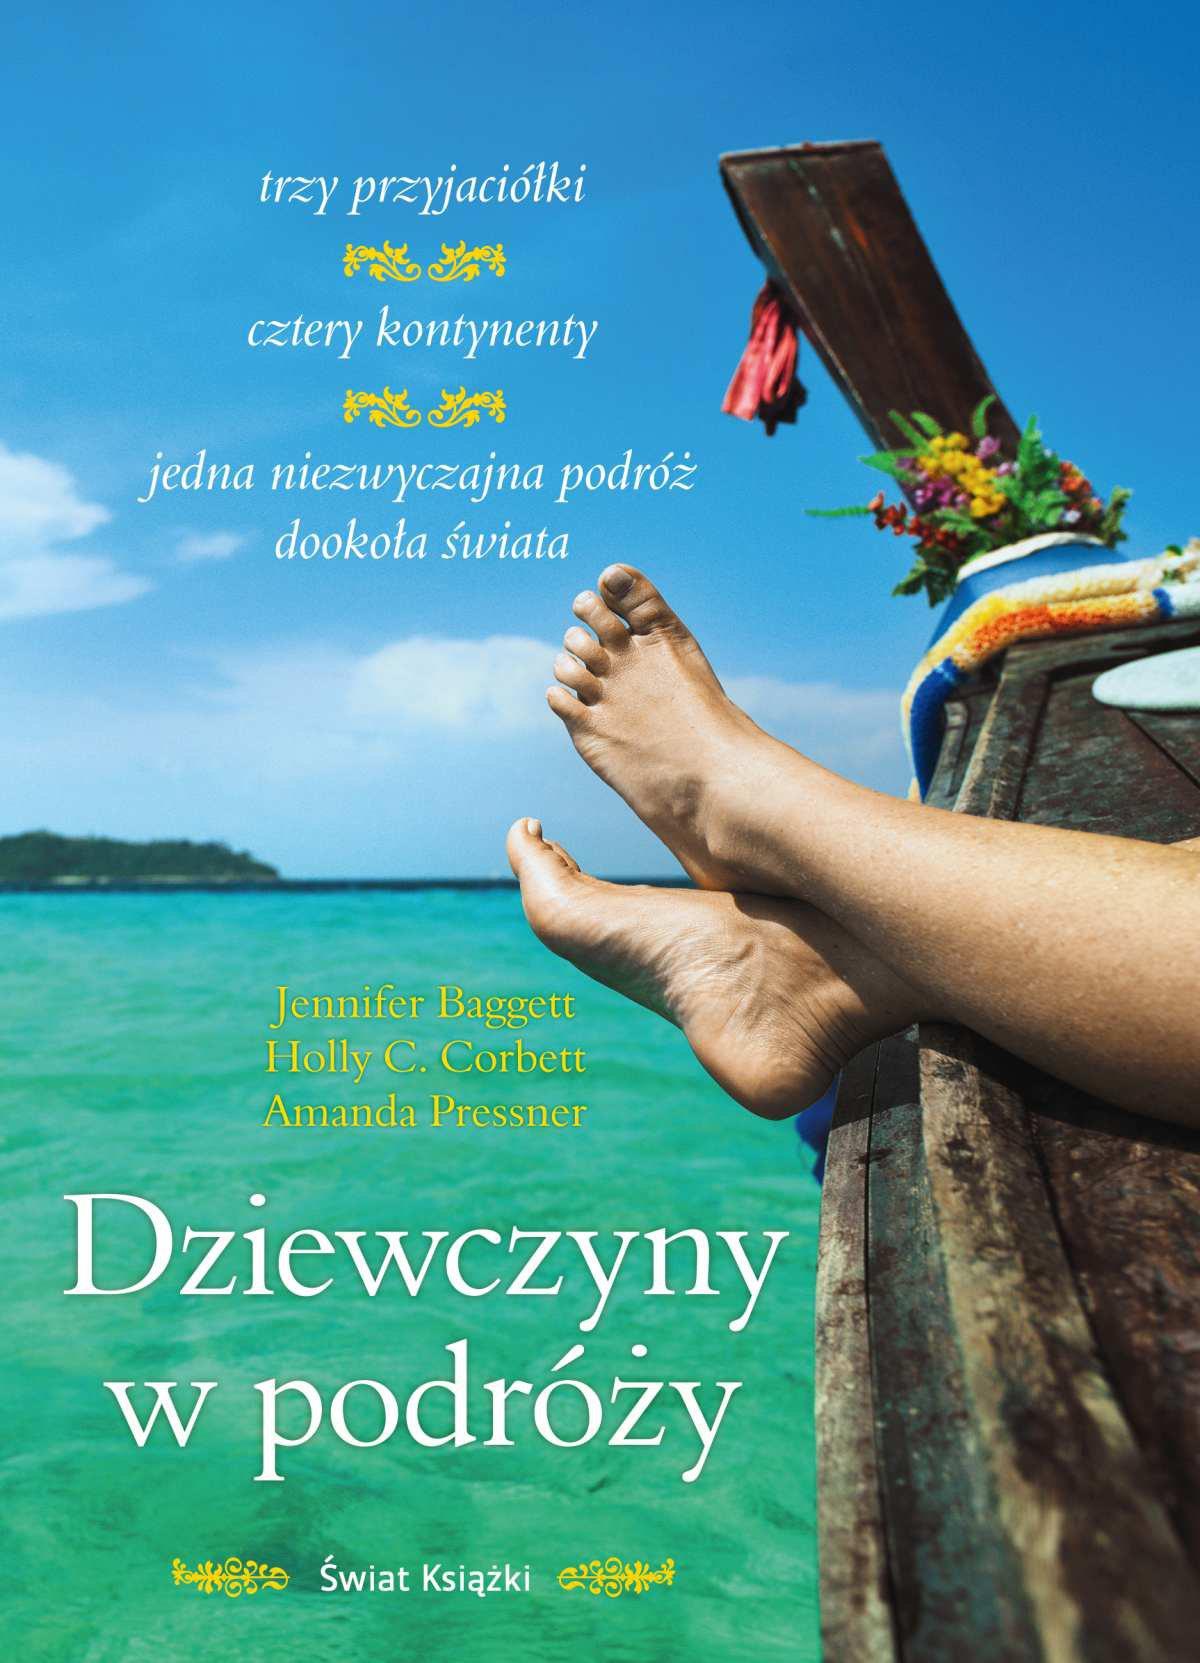 Dziewczyny w podróży - Ebook (Książka EPUB) do pobrania w formacie EPUB